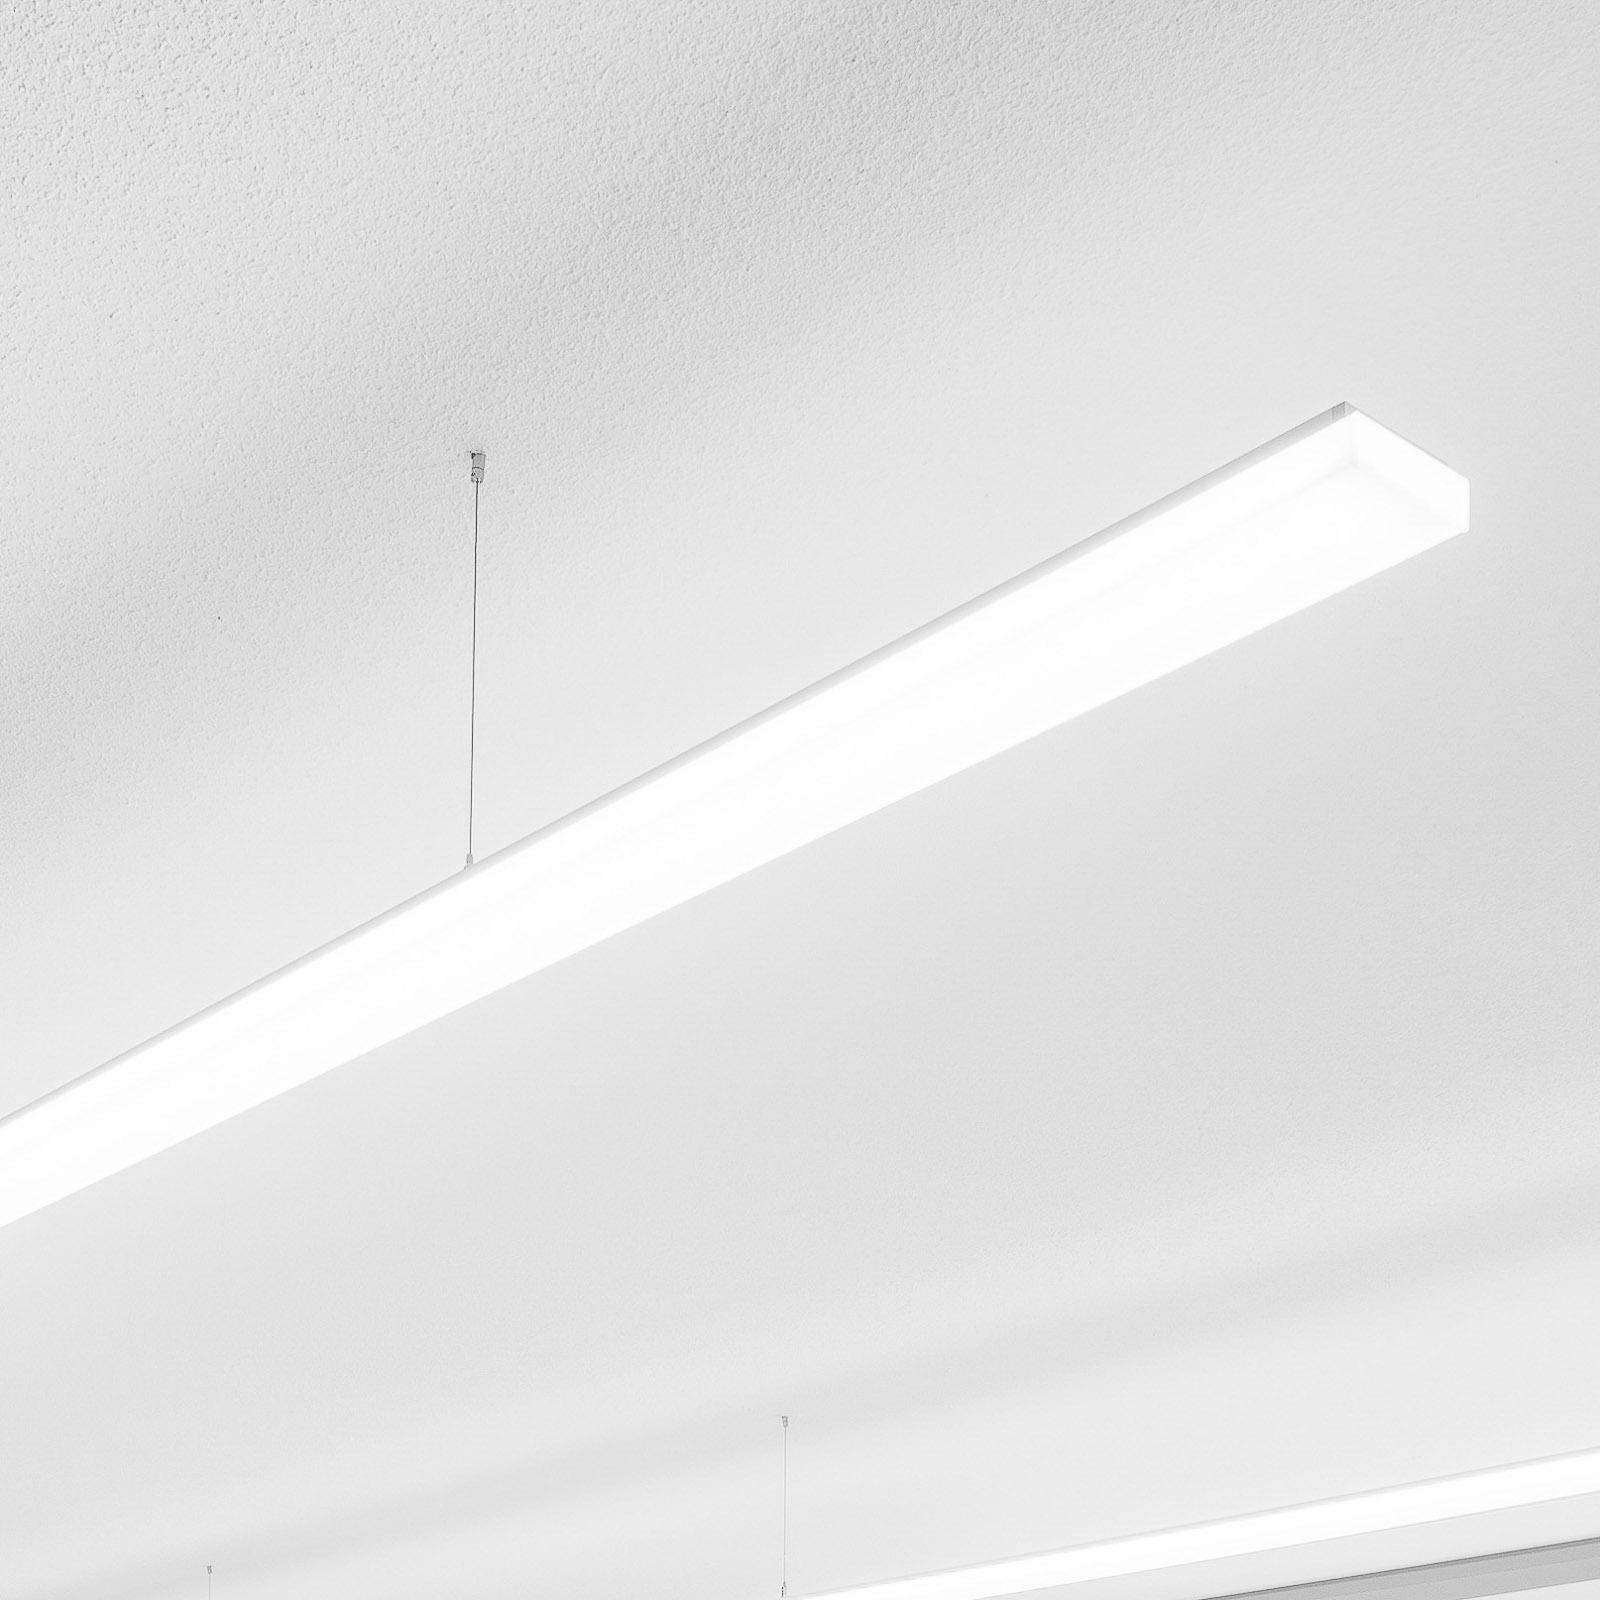 Regent Purelite Office lampa sufitowa 153,1cm